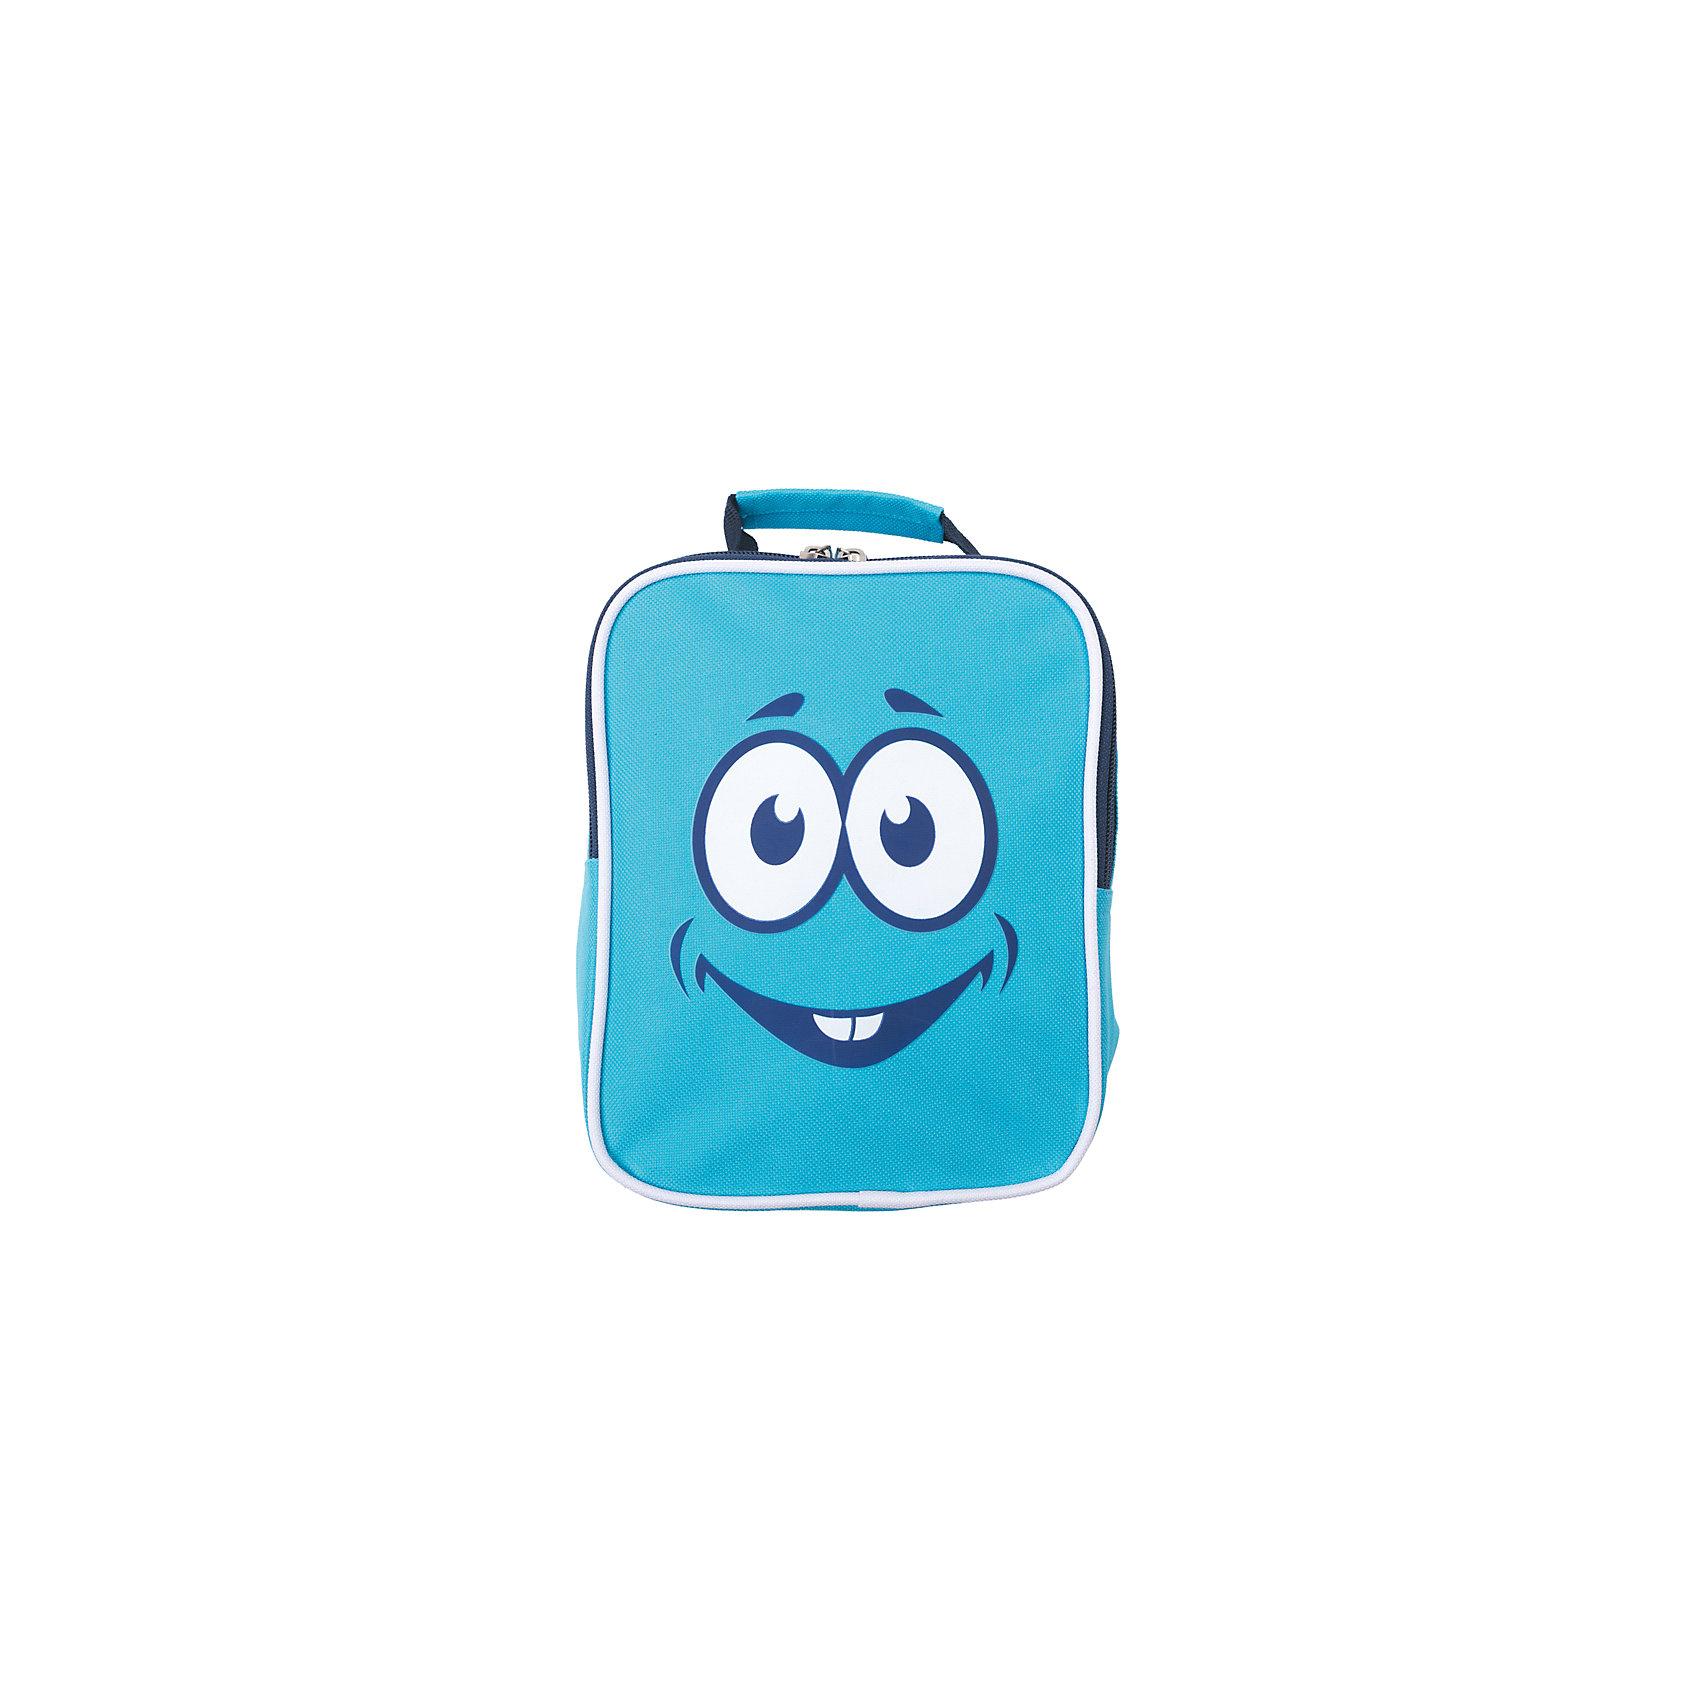 Сумка для мальчика PlayTodayСумки и рюкзаки<br>Сумка для мальчика PlayToday<br>Удобный рюкзак в стиле милитари с забавным принтом. Внутри дополнительный вкладной мешок, в который можно класть обувь.<br>Состав:<br>Верх: 100% полиэстер, подкладка: 100% полиэстер<br><br>Ширина мм: 227<br>Глубина мм: 11<br>Высота мм: 226<br>Вес г: 350<br>Цвет: разноцветный<br>Возраст от месяцев: 6<br>Возраст до месяцев: 9<br>Пол: Мужской<br>Возраст: Детский<br>Размер: one size<br>SKU: 5407979